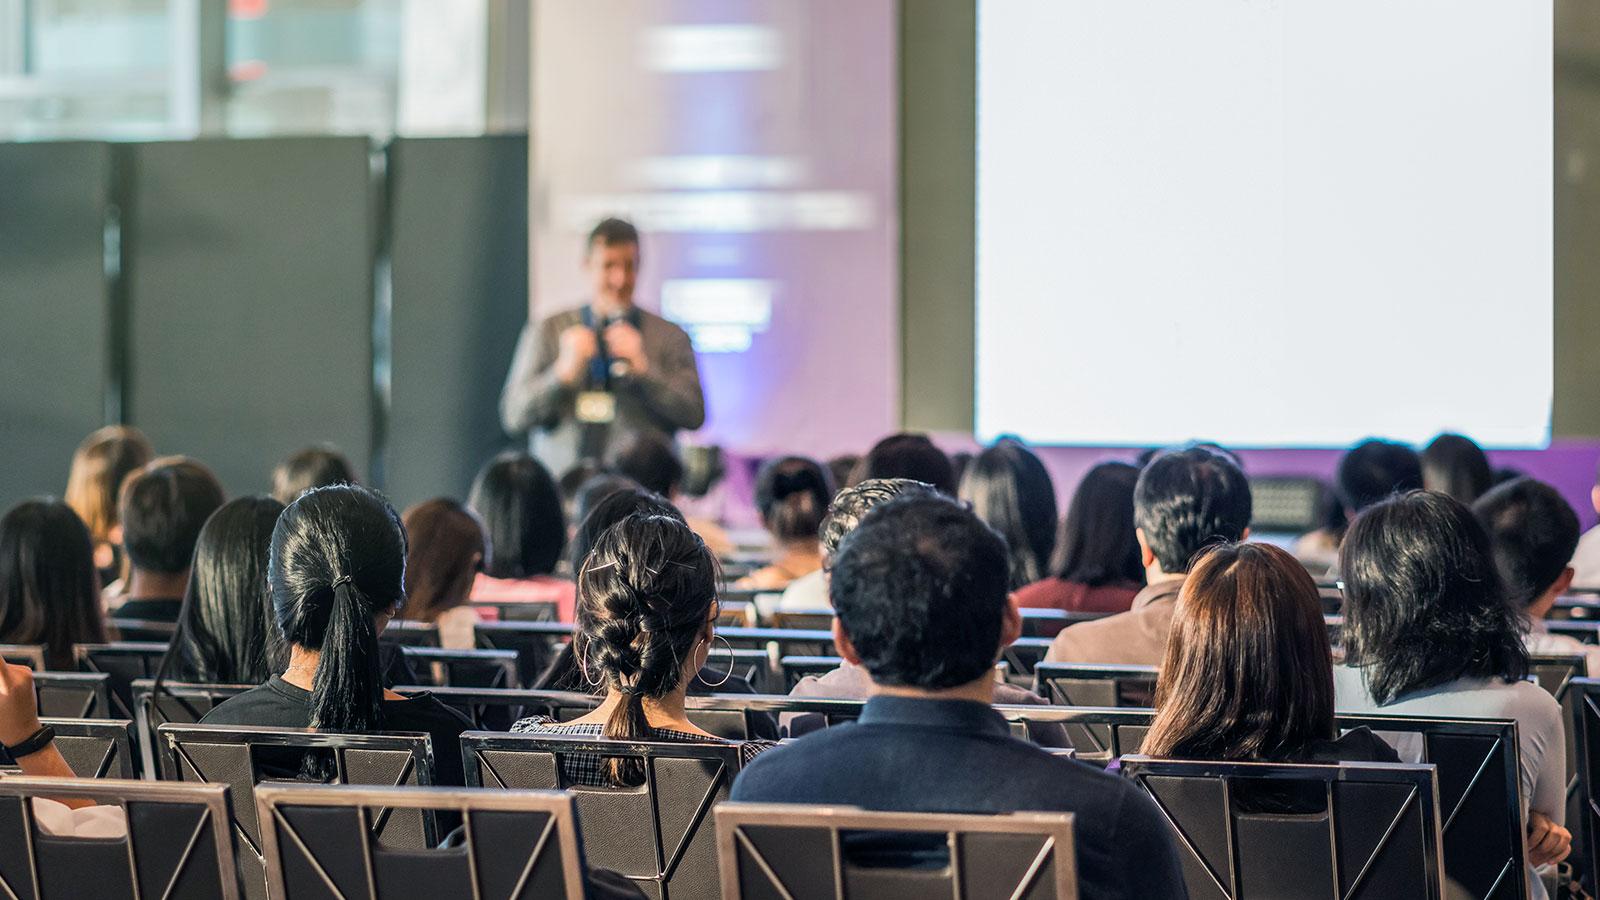 dumela eventos corporativos 14 - As lições da pandemia para os eventos corporativos